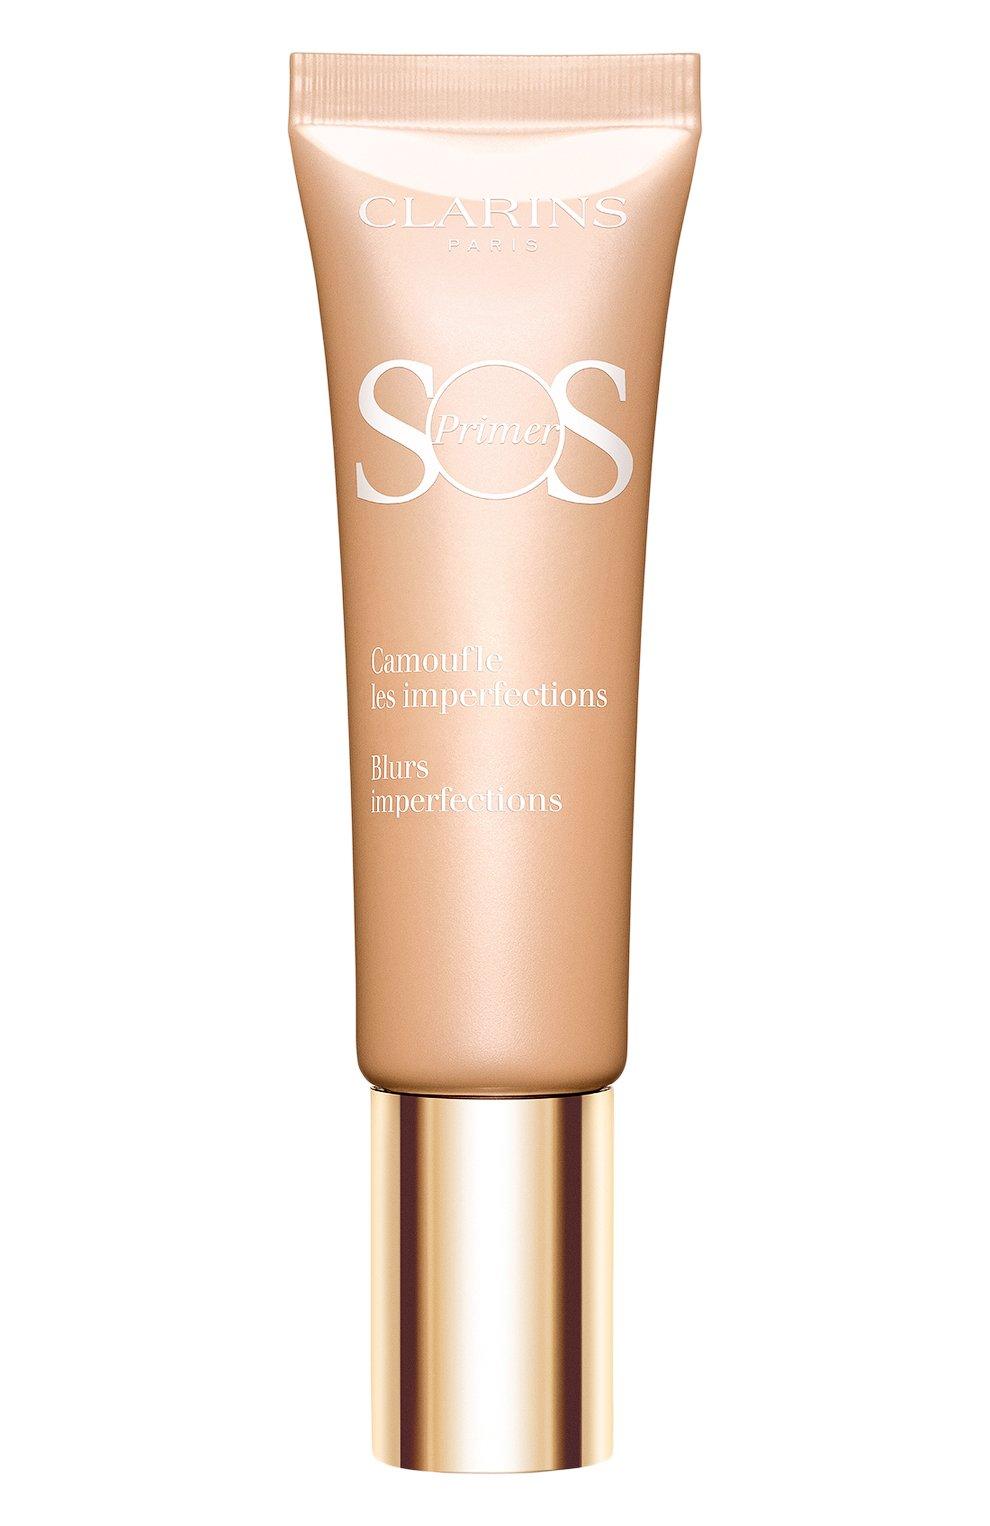 База под макияж для коррекции несовершенств кожи sos primer 02 CLARINS бесцветного цвета, арт. 80032034 | Фото 1 (Статус проверки: Проверена категория)